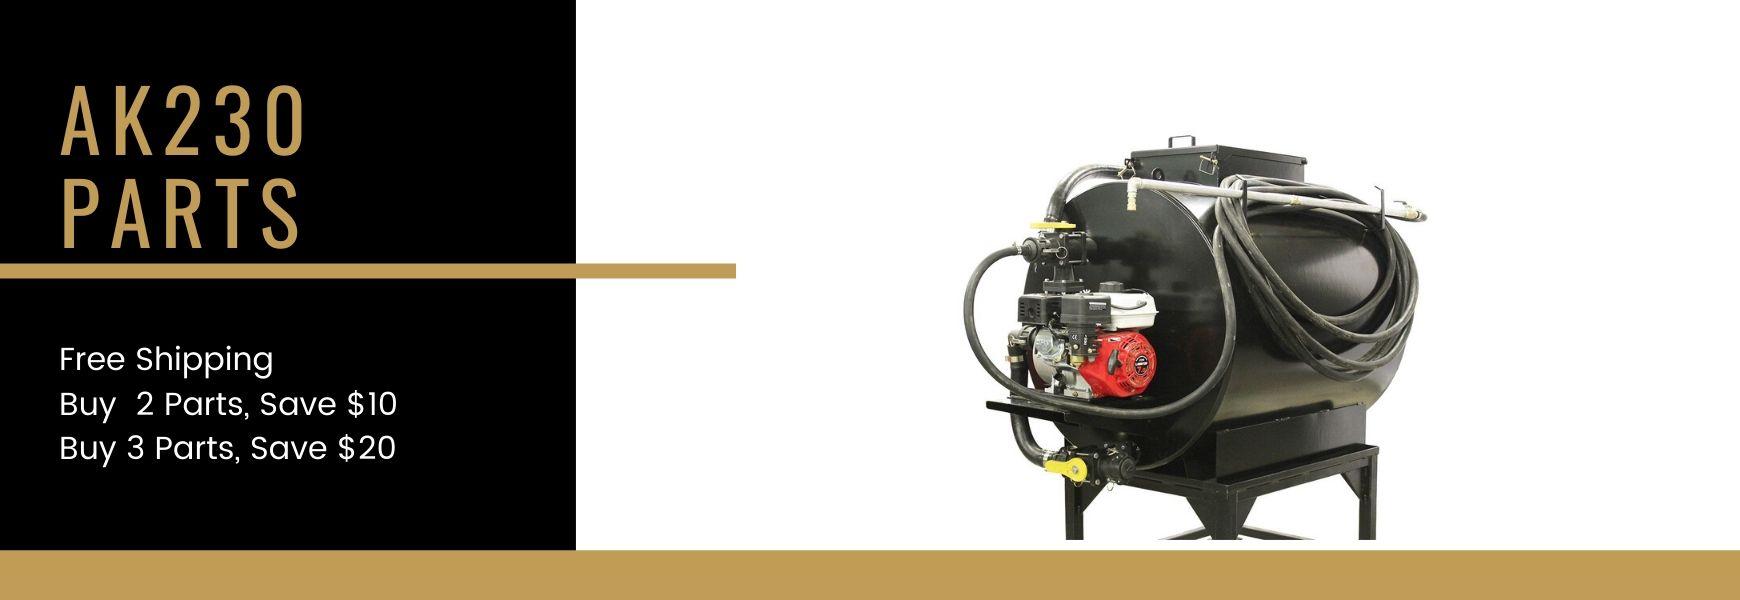 AK230 Spray System Parts